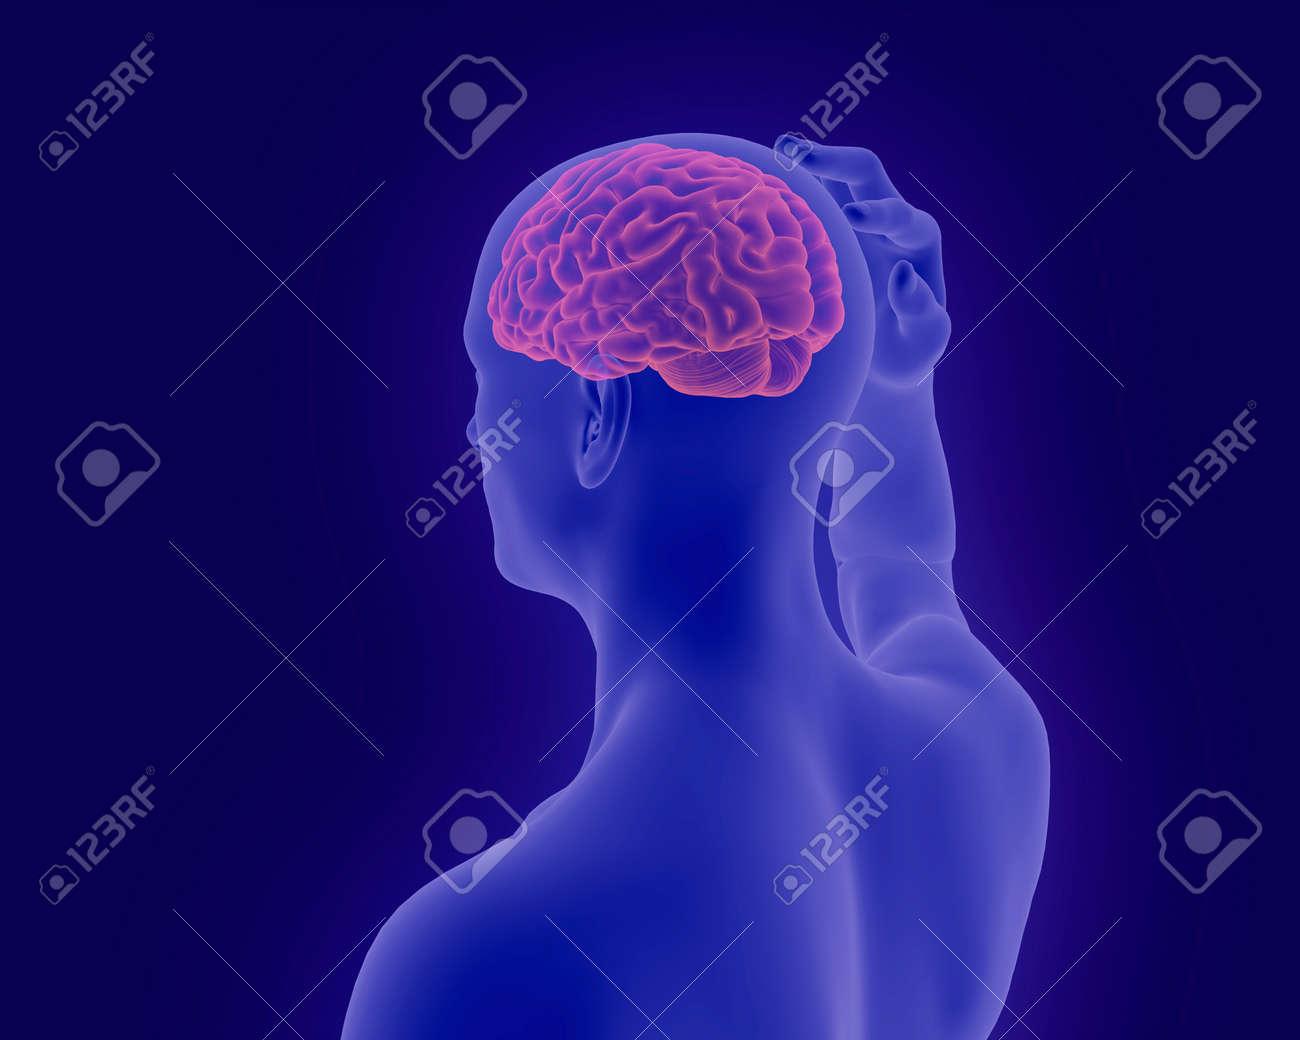 Kopfschmerzen X-ray-Scan Des Menschlichen Körpers Mit Sichtbar ...